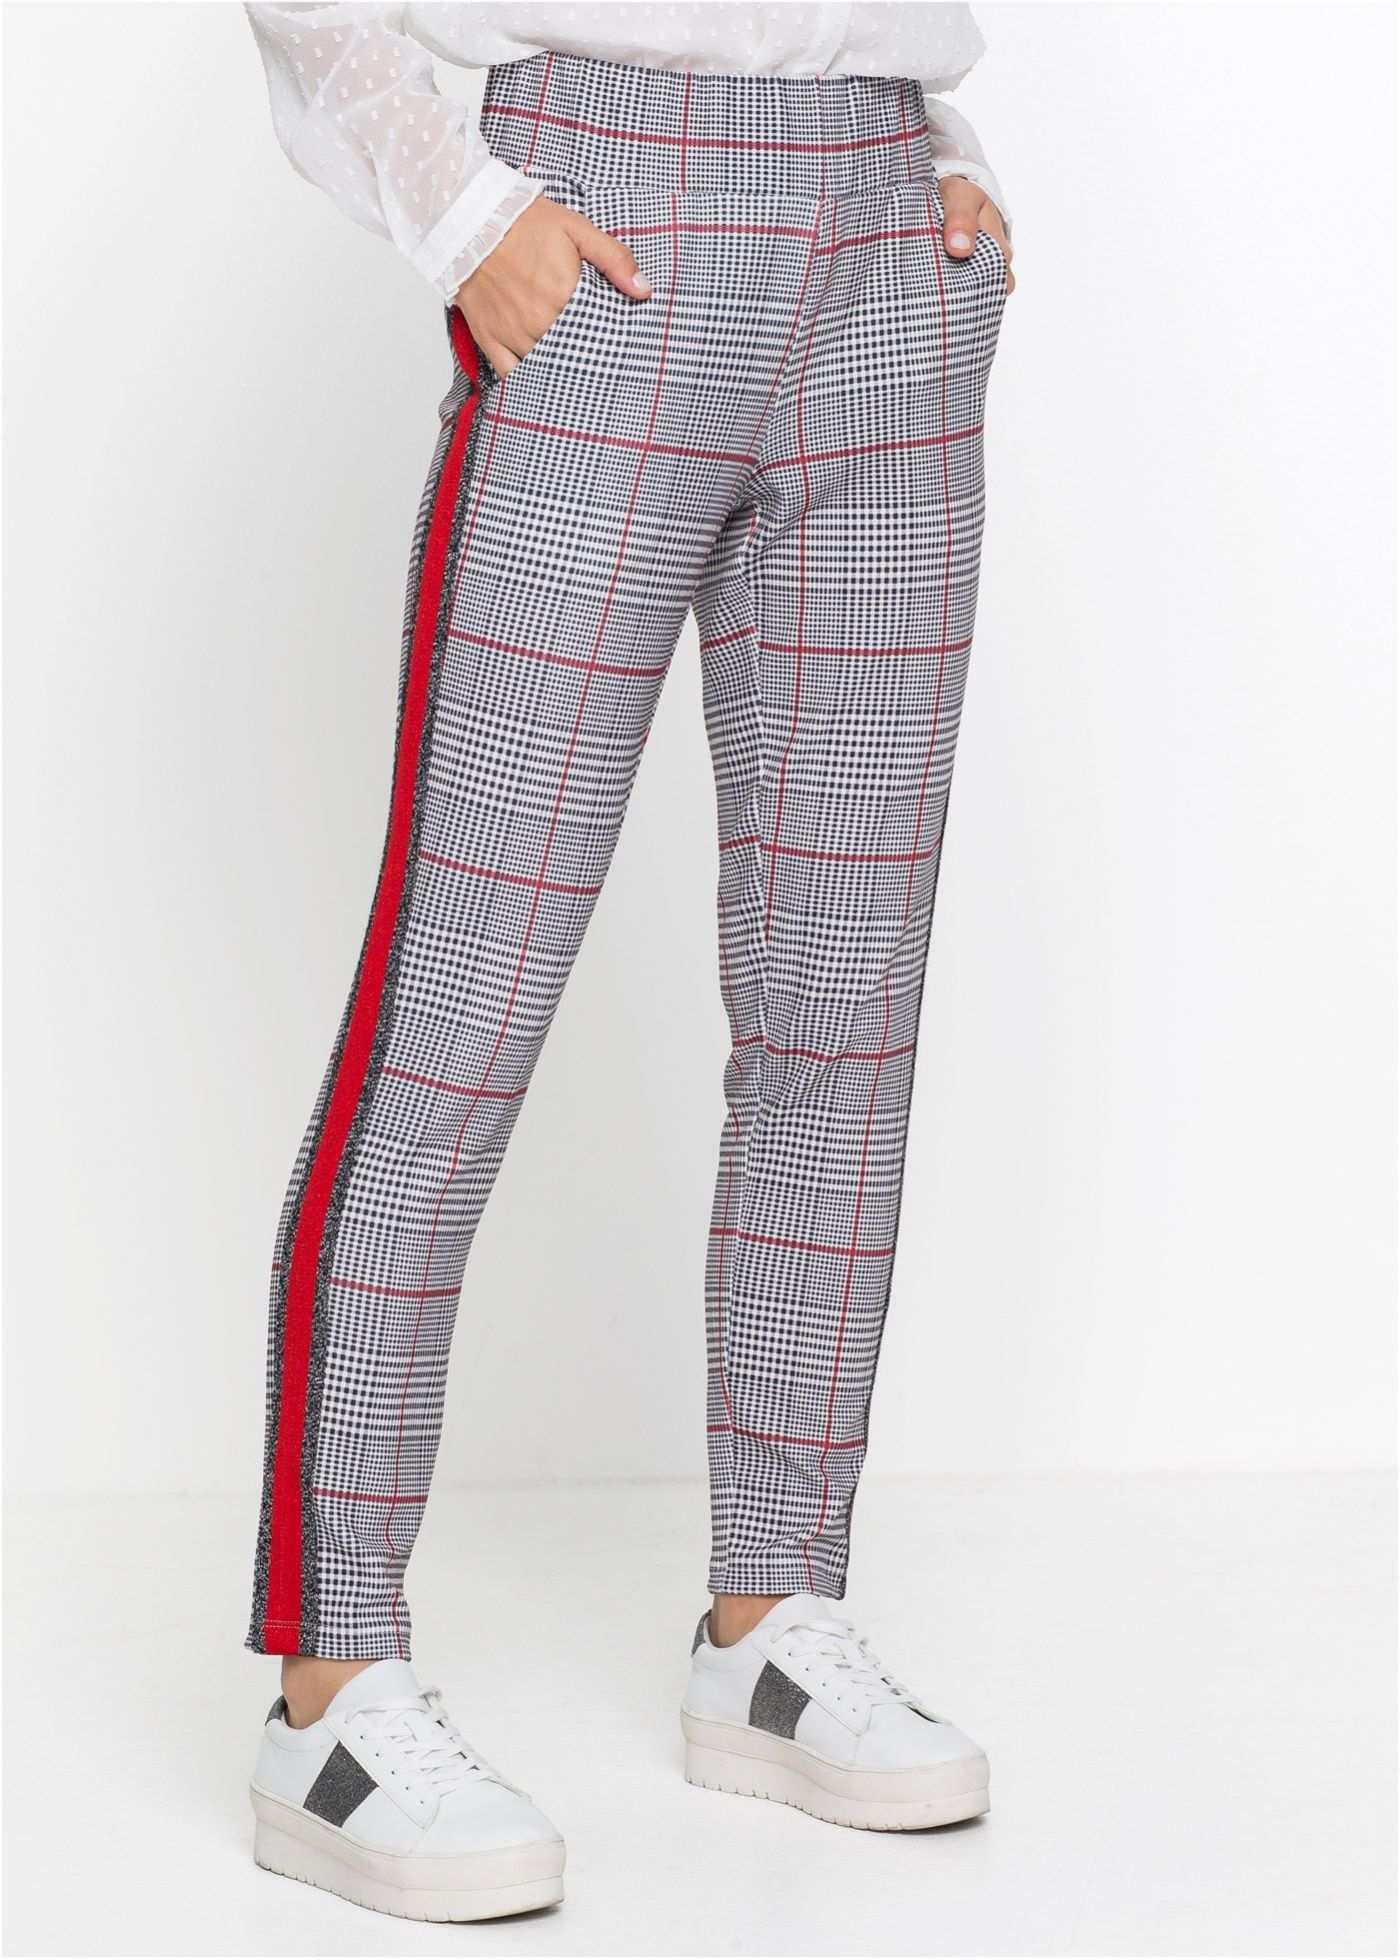 Zwei Angesagte Stilelemente Vereint Diese Lange Hose Zum Einen Begeistert Sie Mit Dem Auffallenden Allover Karo Muster Zum Anderen Damenhosen Modestil Hosen